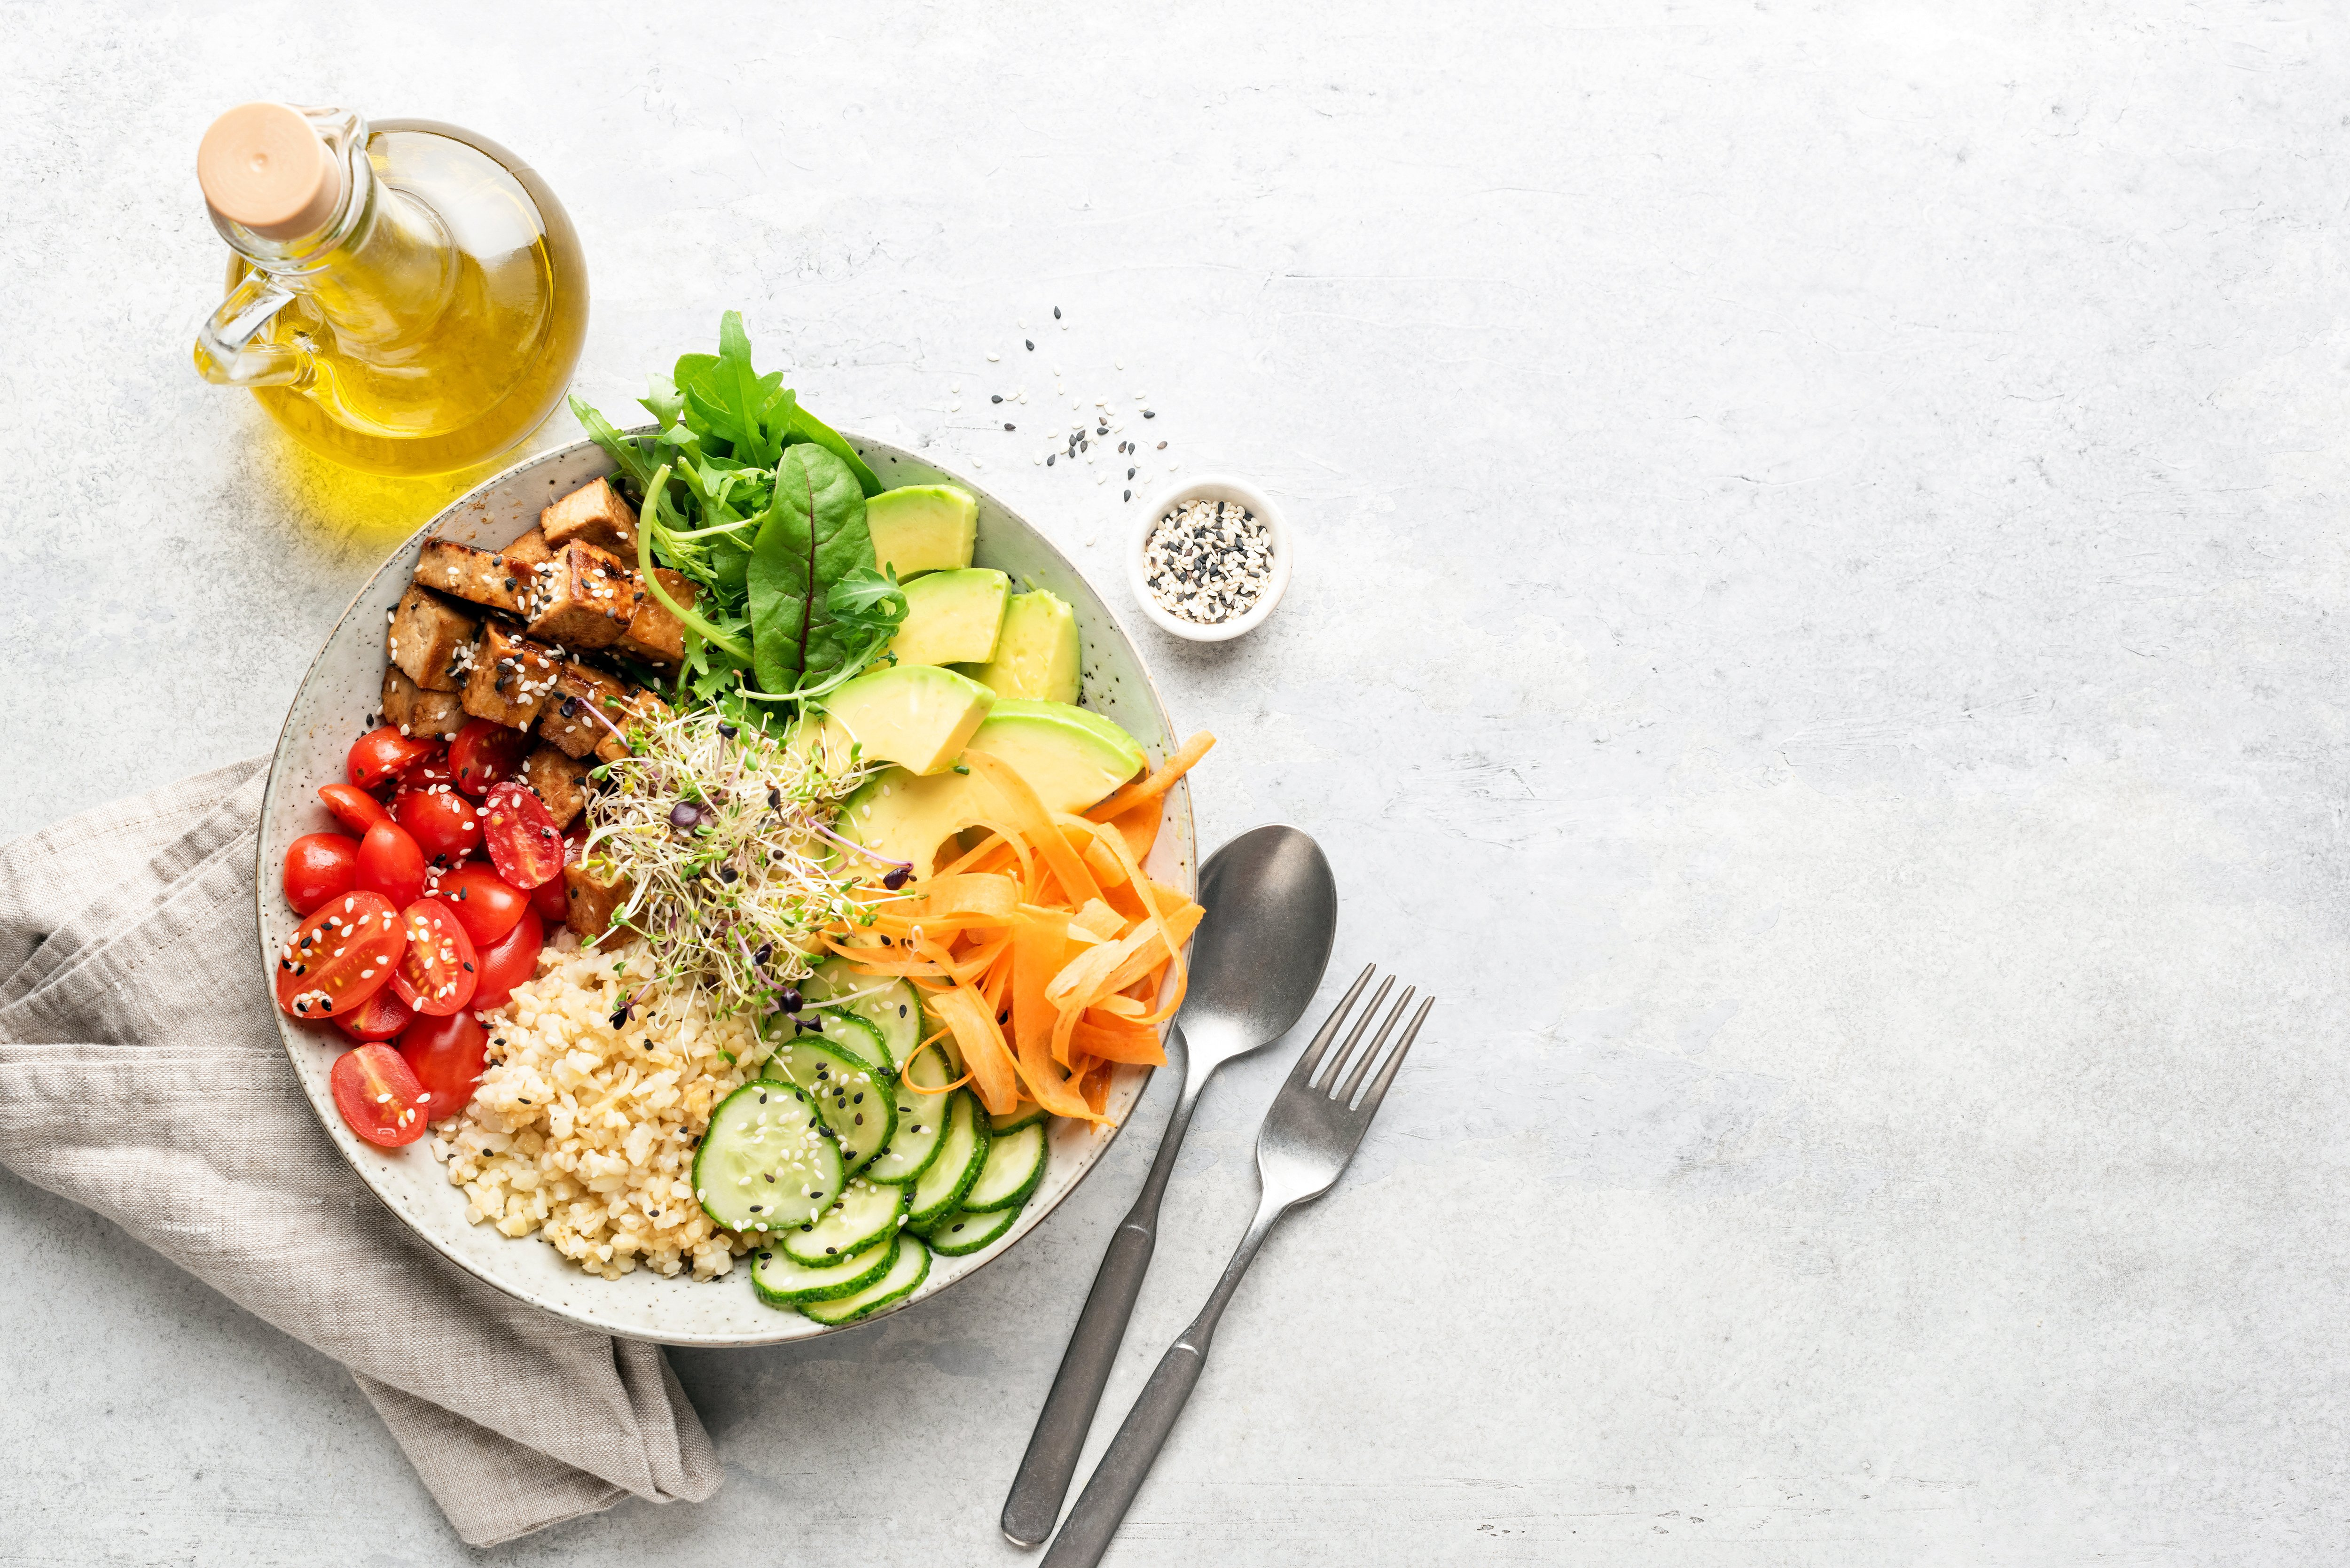 bigstock-Vegetarian-Vegan-Salad-Bowl